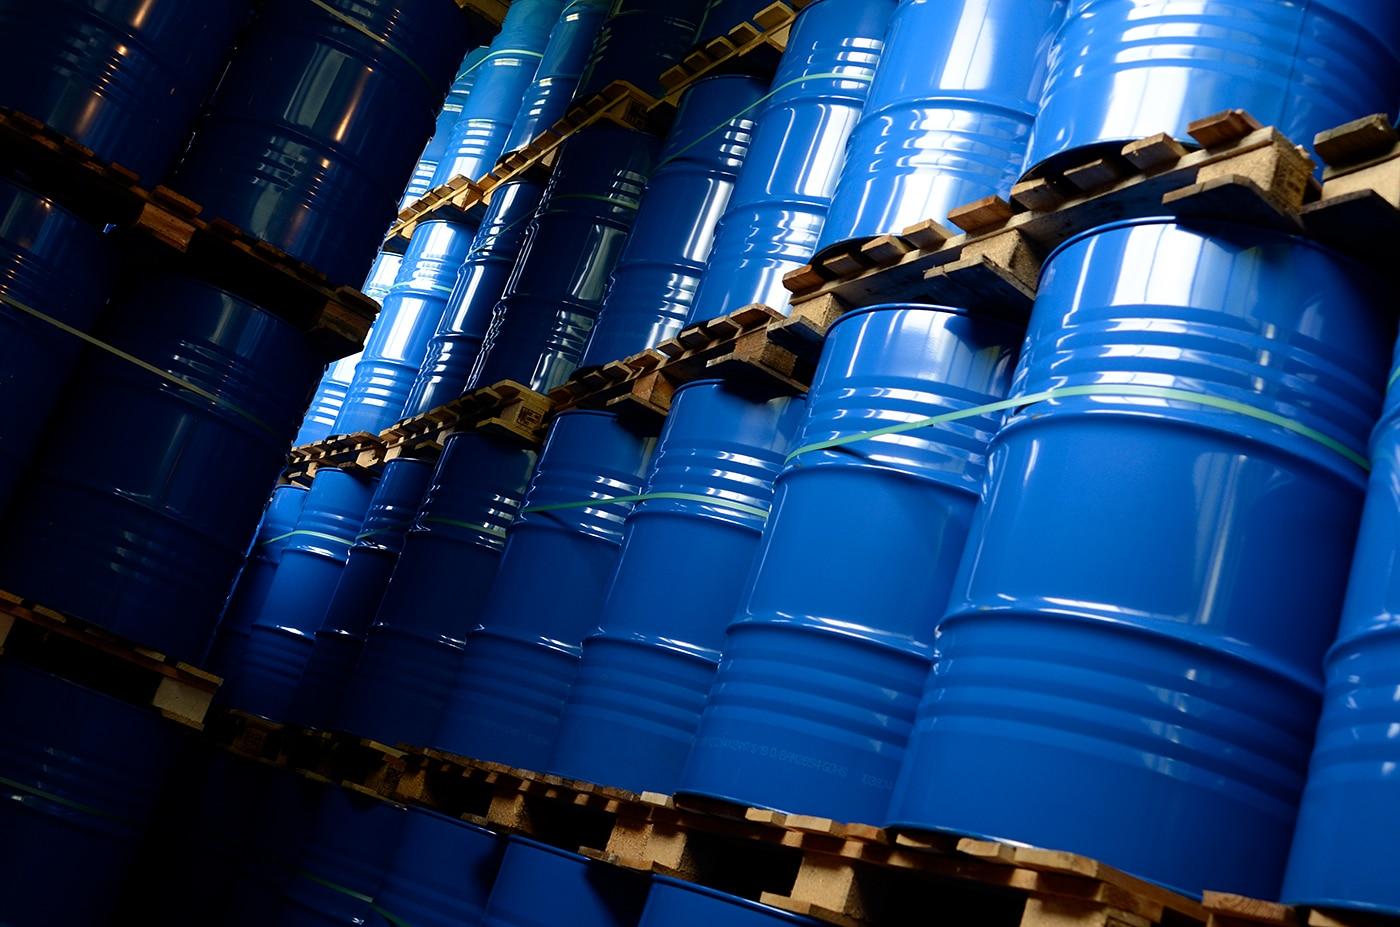 Corona Packaging / Covid19 – 200l Stahlfass Gefahrgutverpackungen, Stahlfässer Volumen bis 320 Liter kaufen. UN-Codierung. Deutsche Fabrikation von WEDTHOFF Industrieverpackungen. Foto ©BO:PICTURE